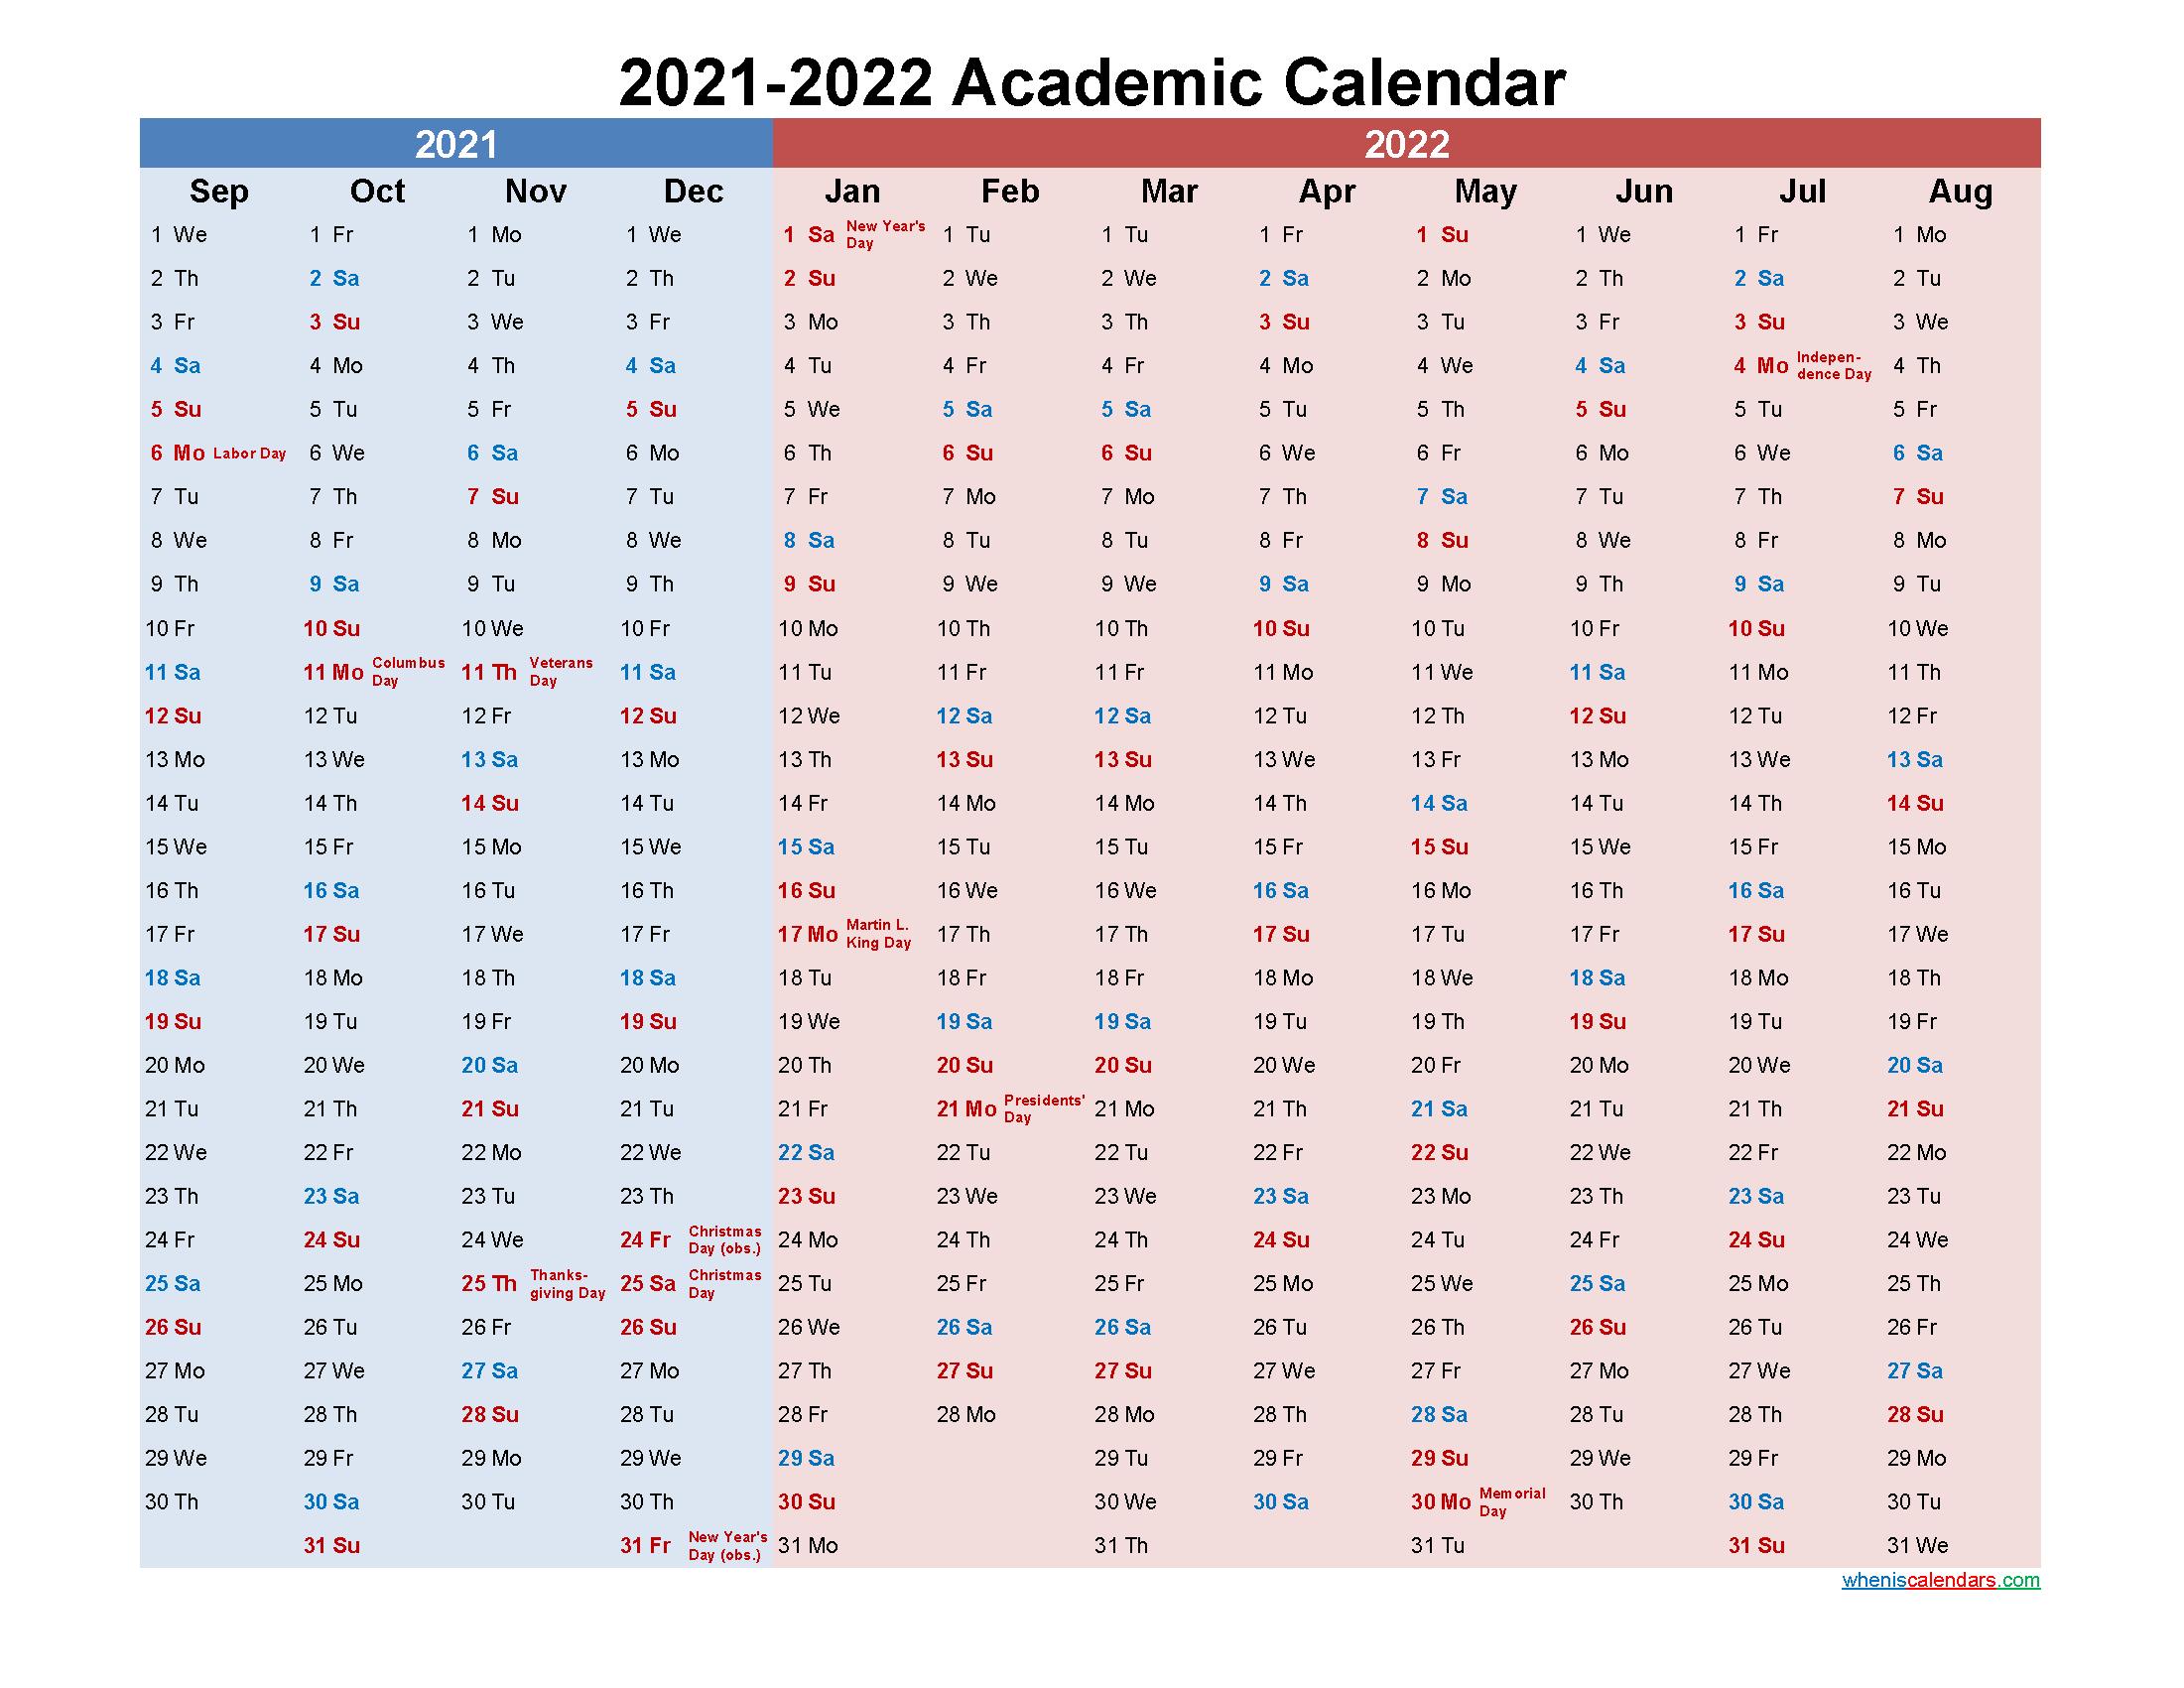 Academic Calendar 2021 and 2022 Printable